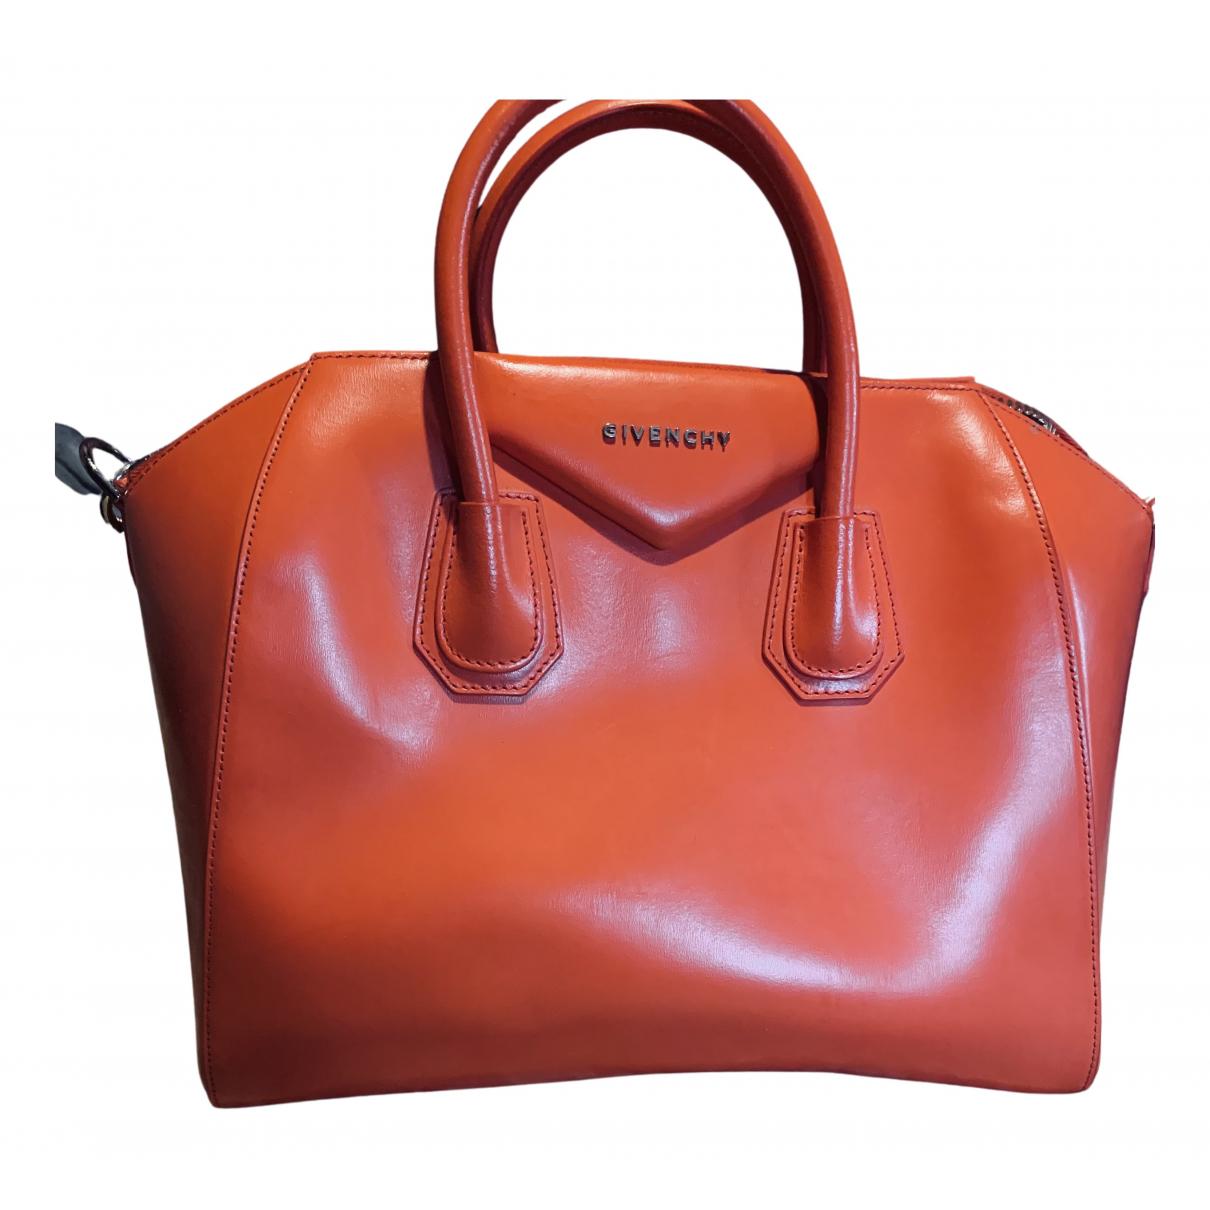 Givenchy Antigona Handtasche in Leder